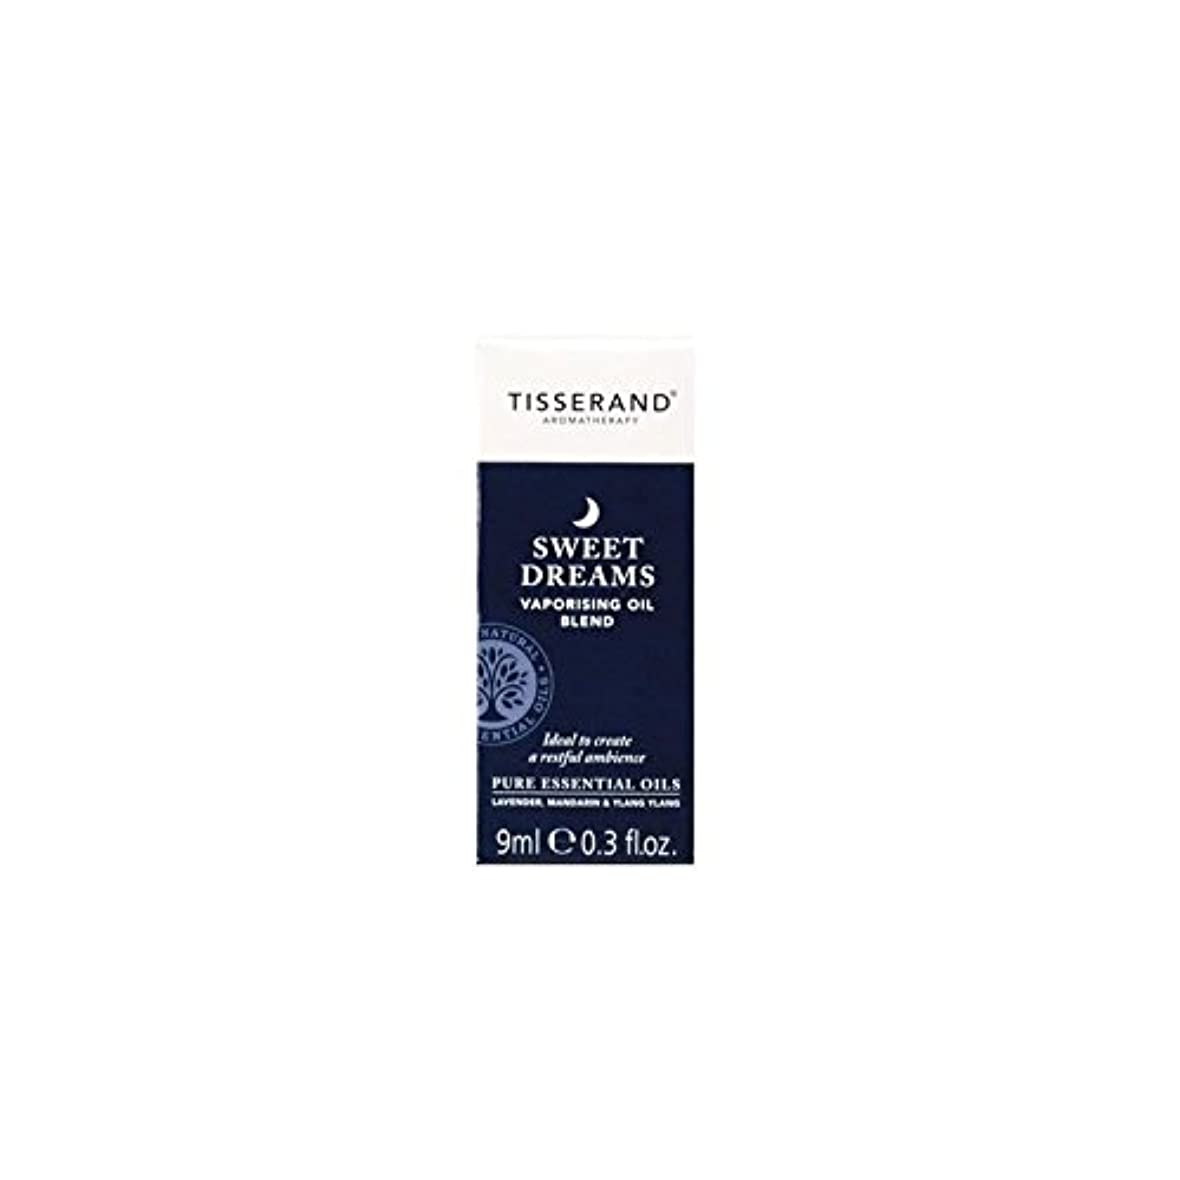 教えるナチュラル冗長オイル9ミリリットルを気化甘い夢 (Tisserand) (x 6) - Tisserand Sweet Dreams Vaporising Oil 9ml (Pack of 6) [並行輸入品]